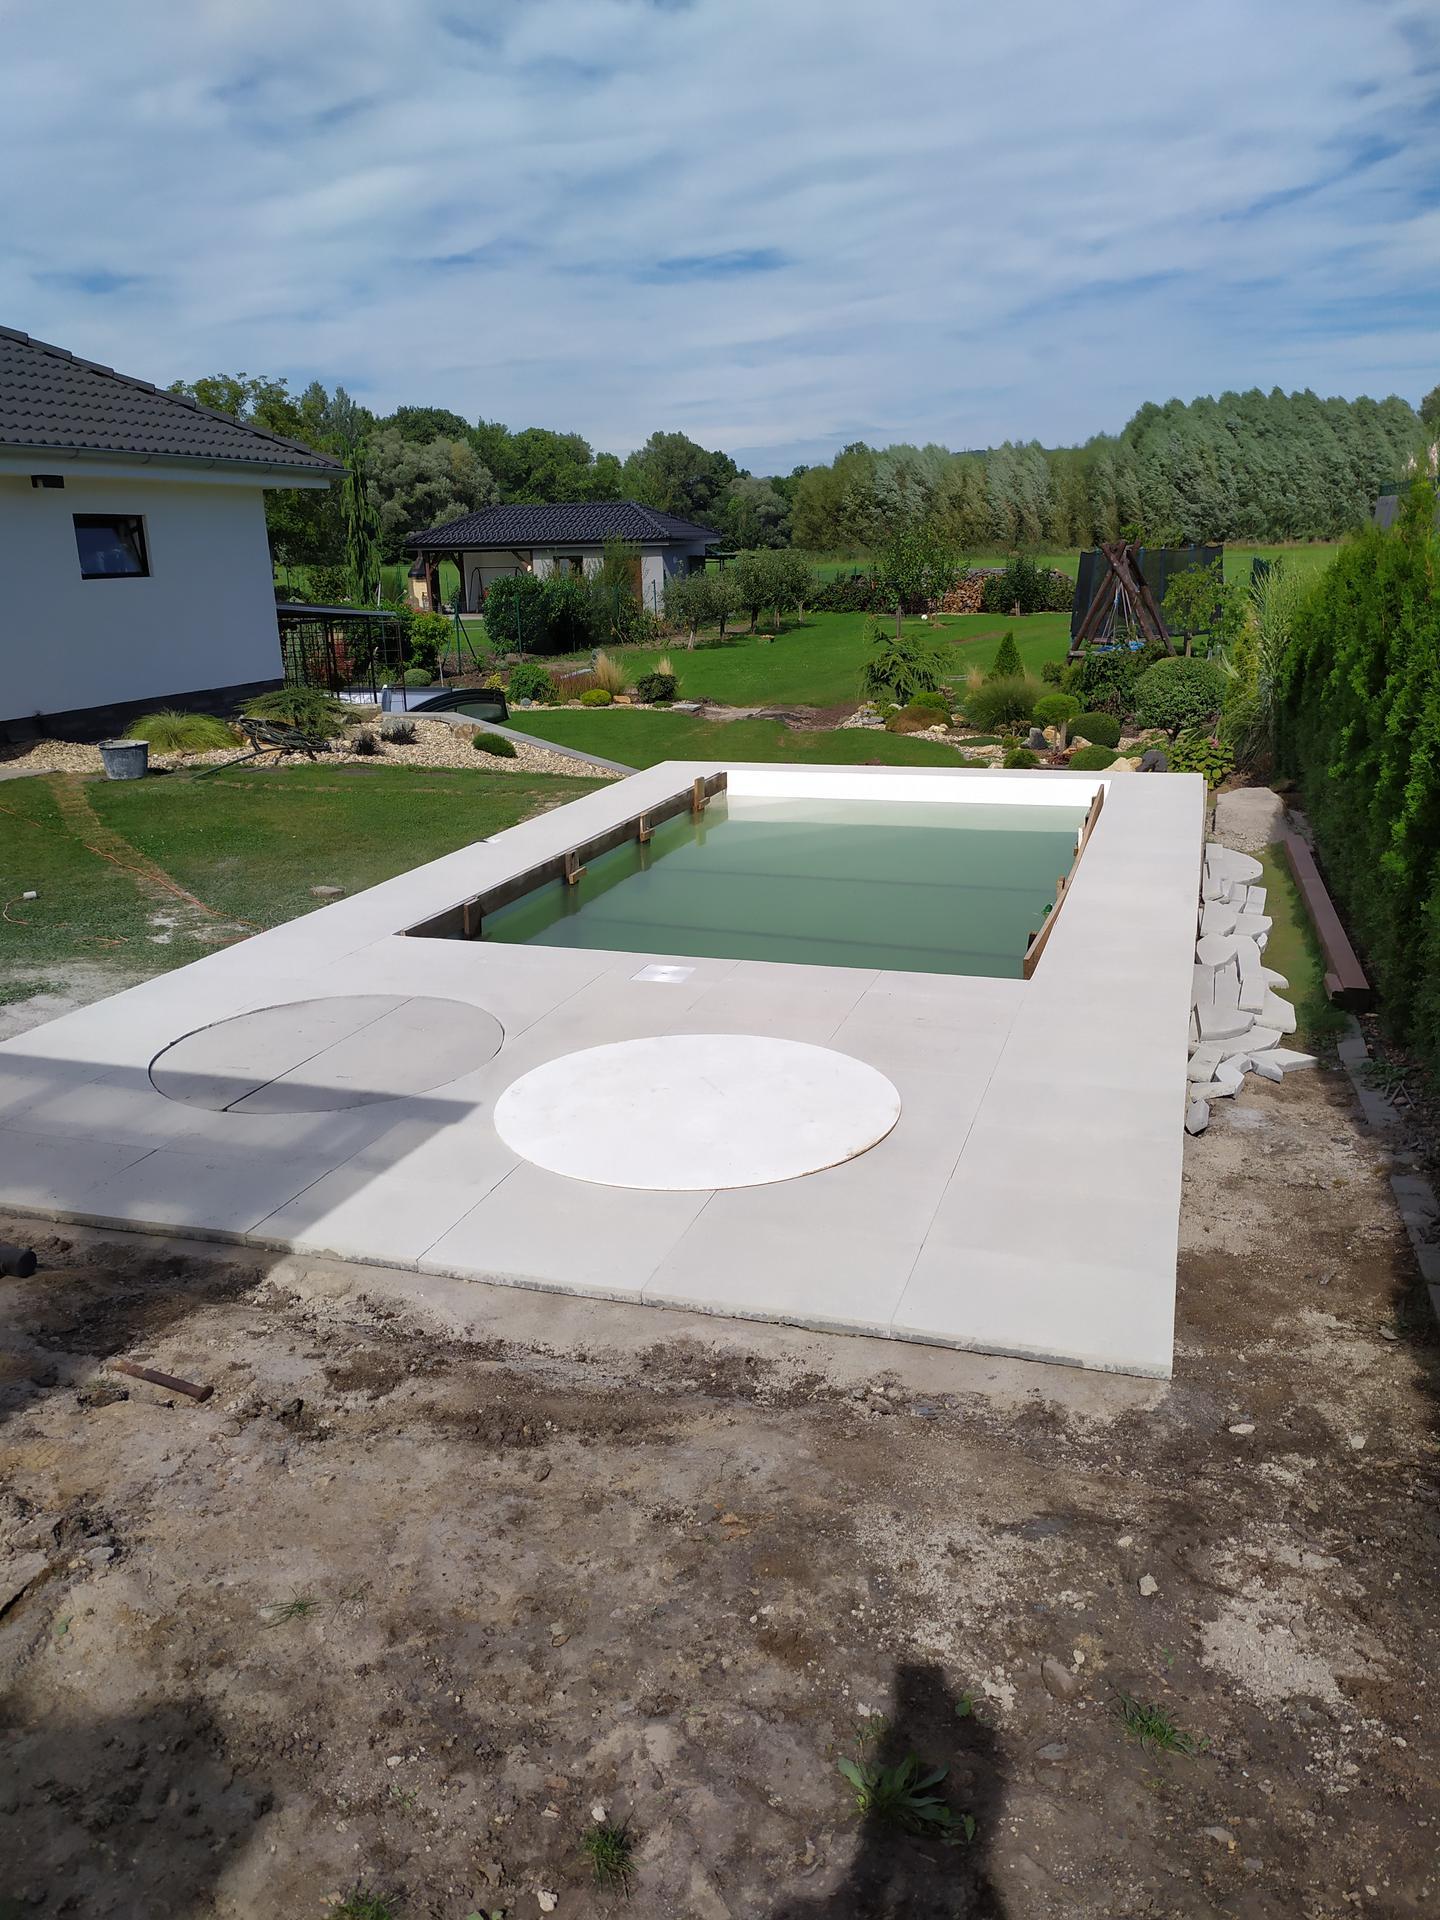 Bazén srpen 2020: doplněk naší zahrady😉 - Obrázek č. 11